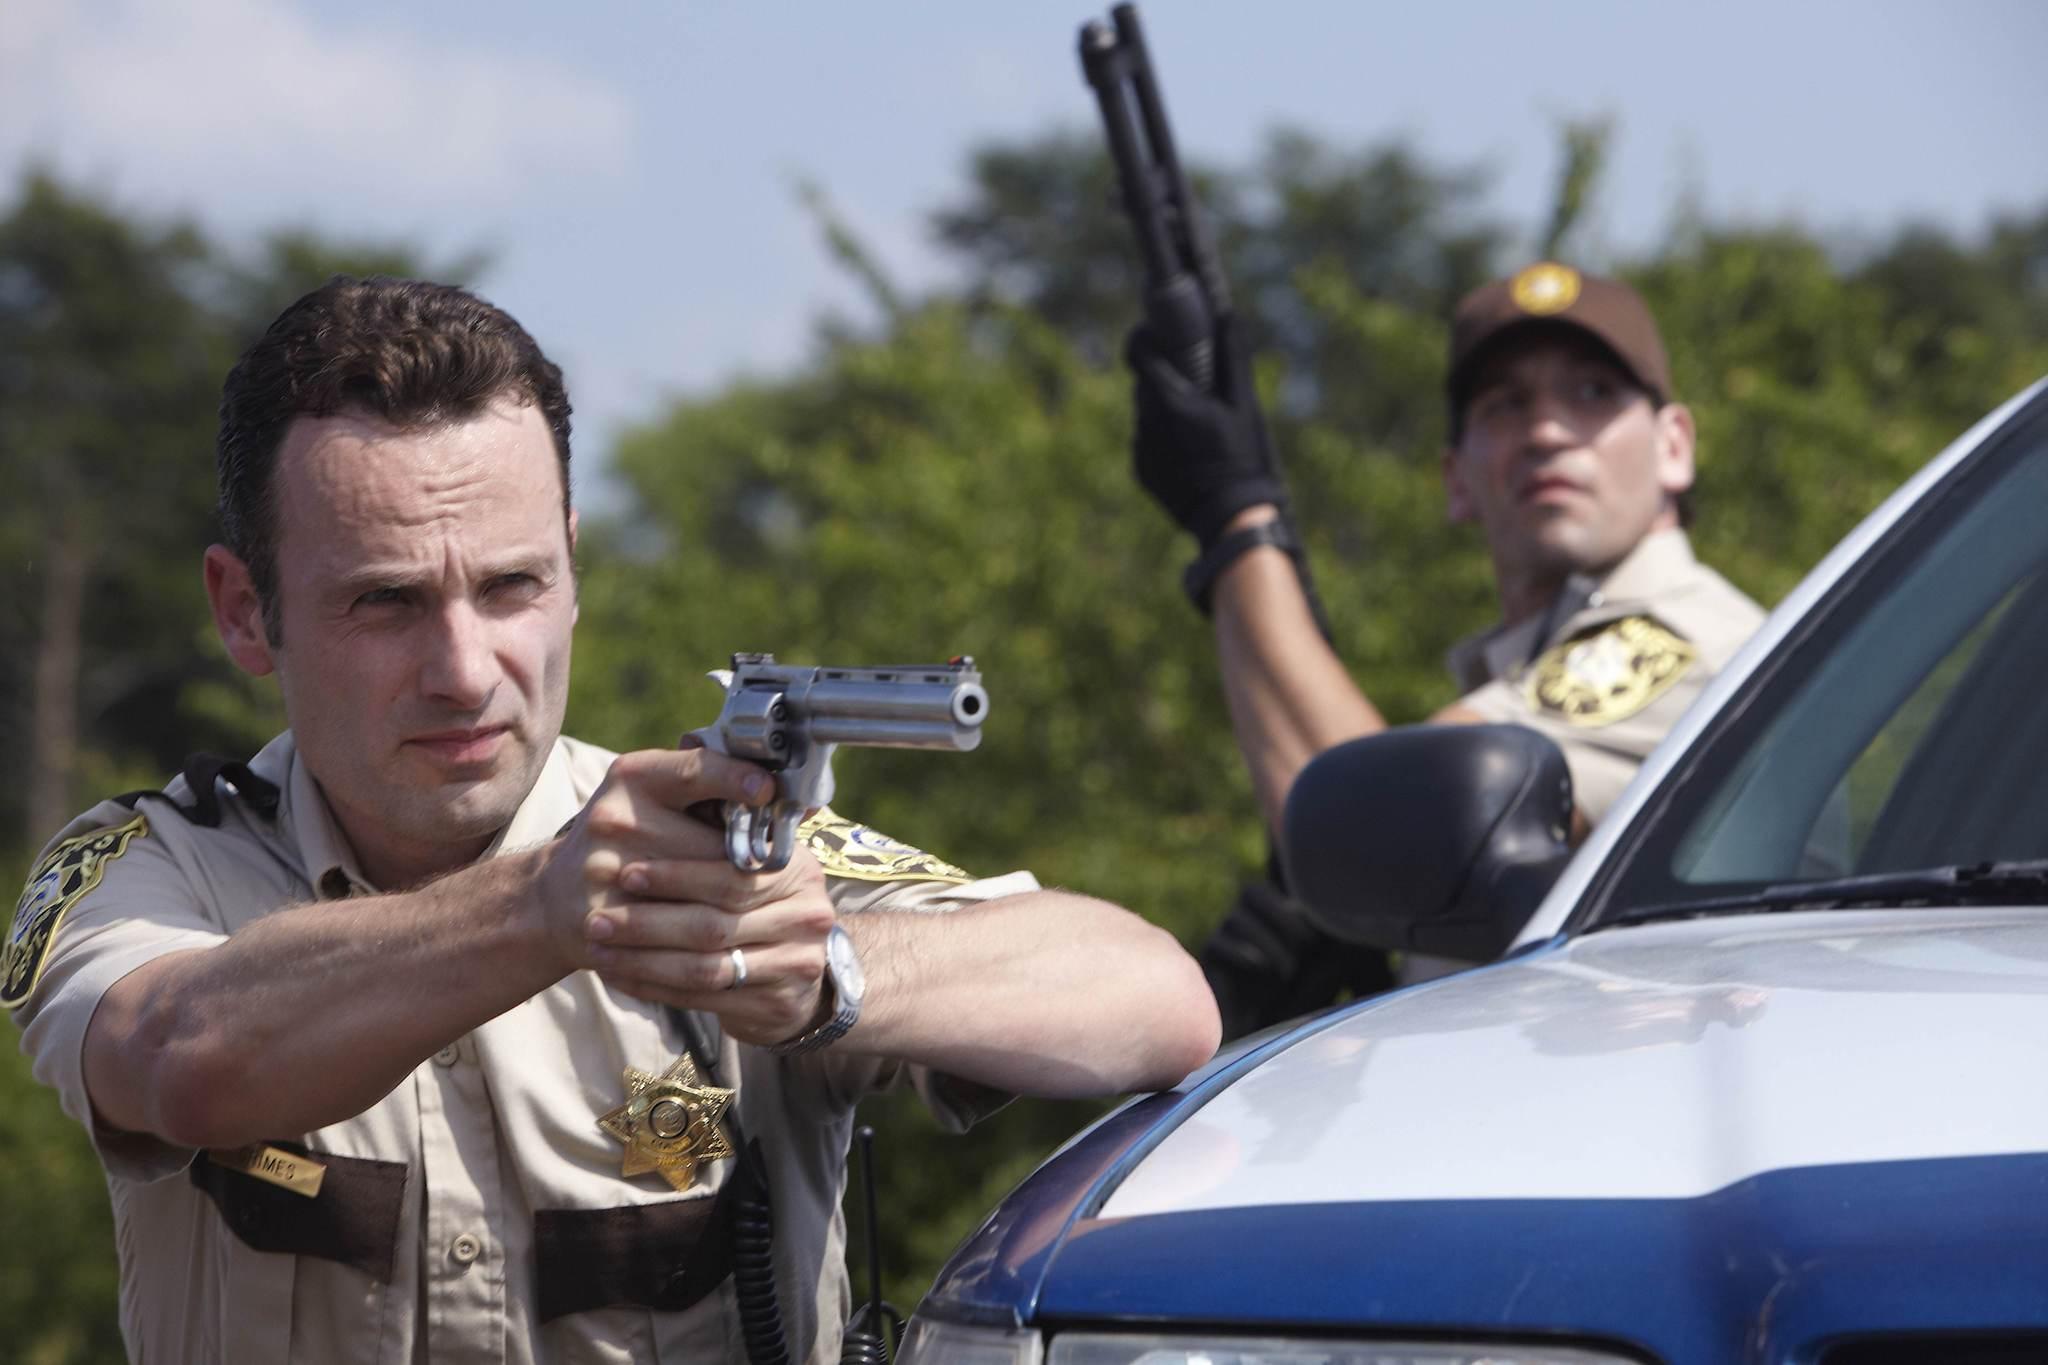 The Walking Dead Rewatch – Season 1, Episode 1 (Days Gone Bye)